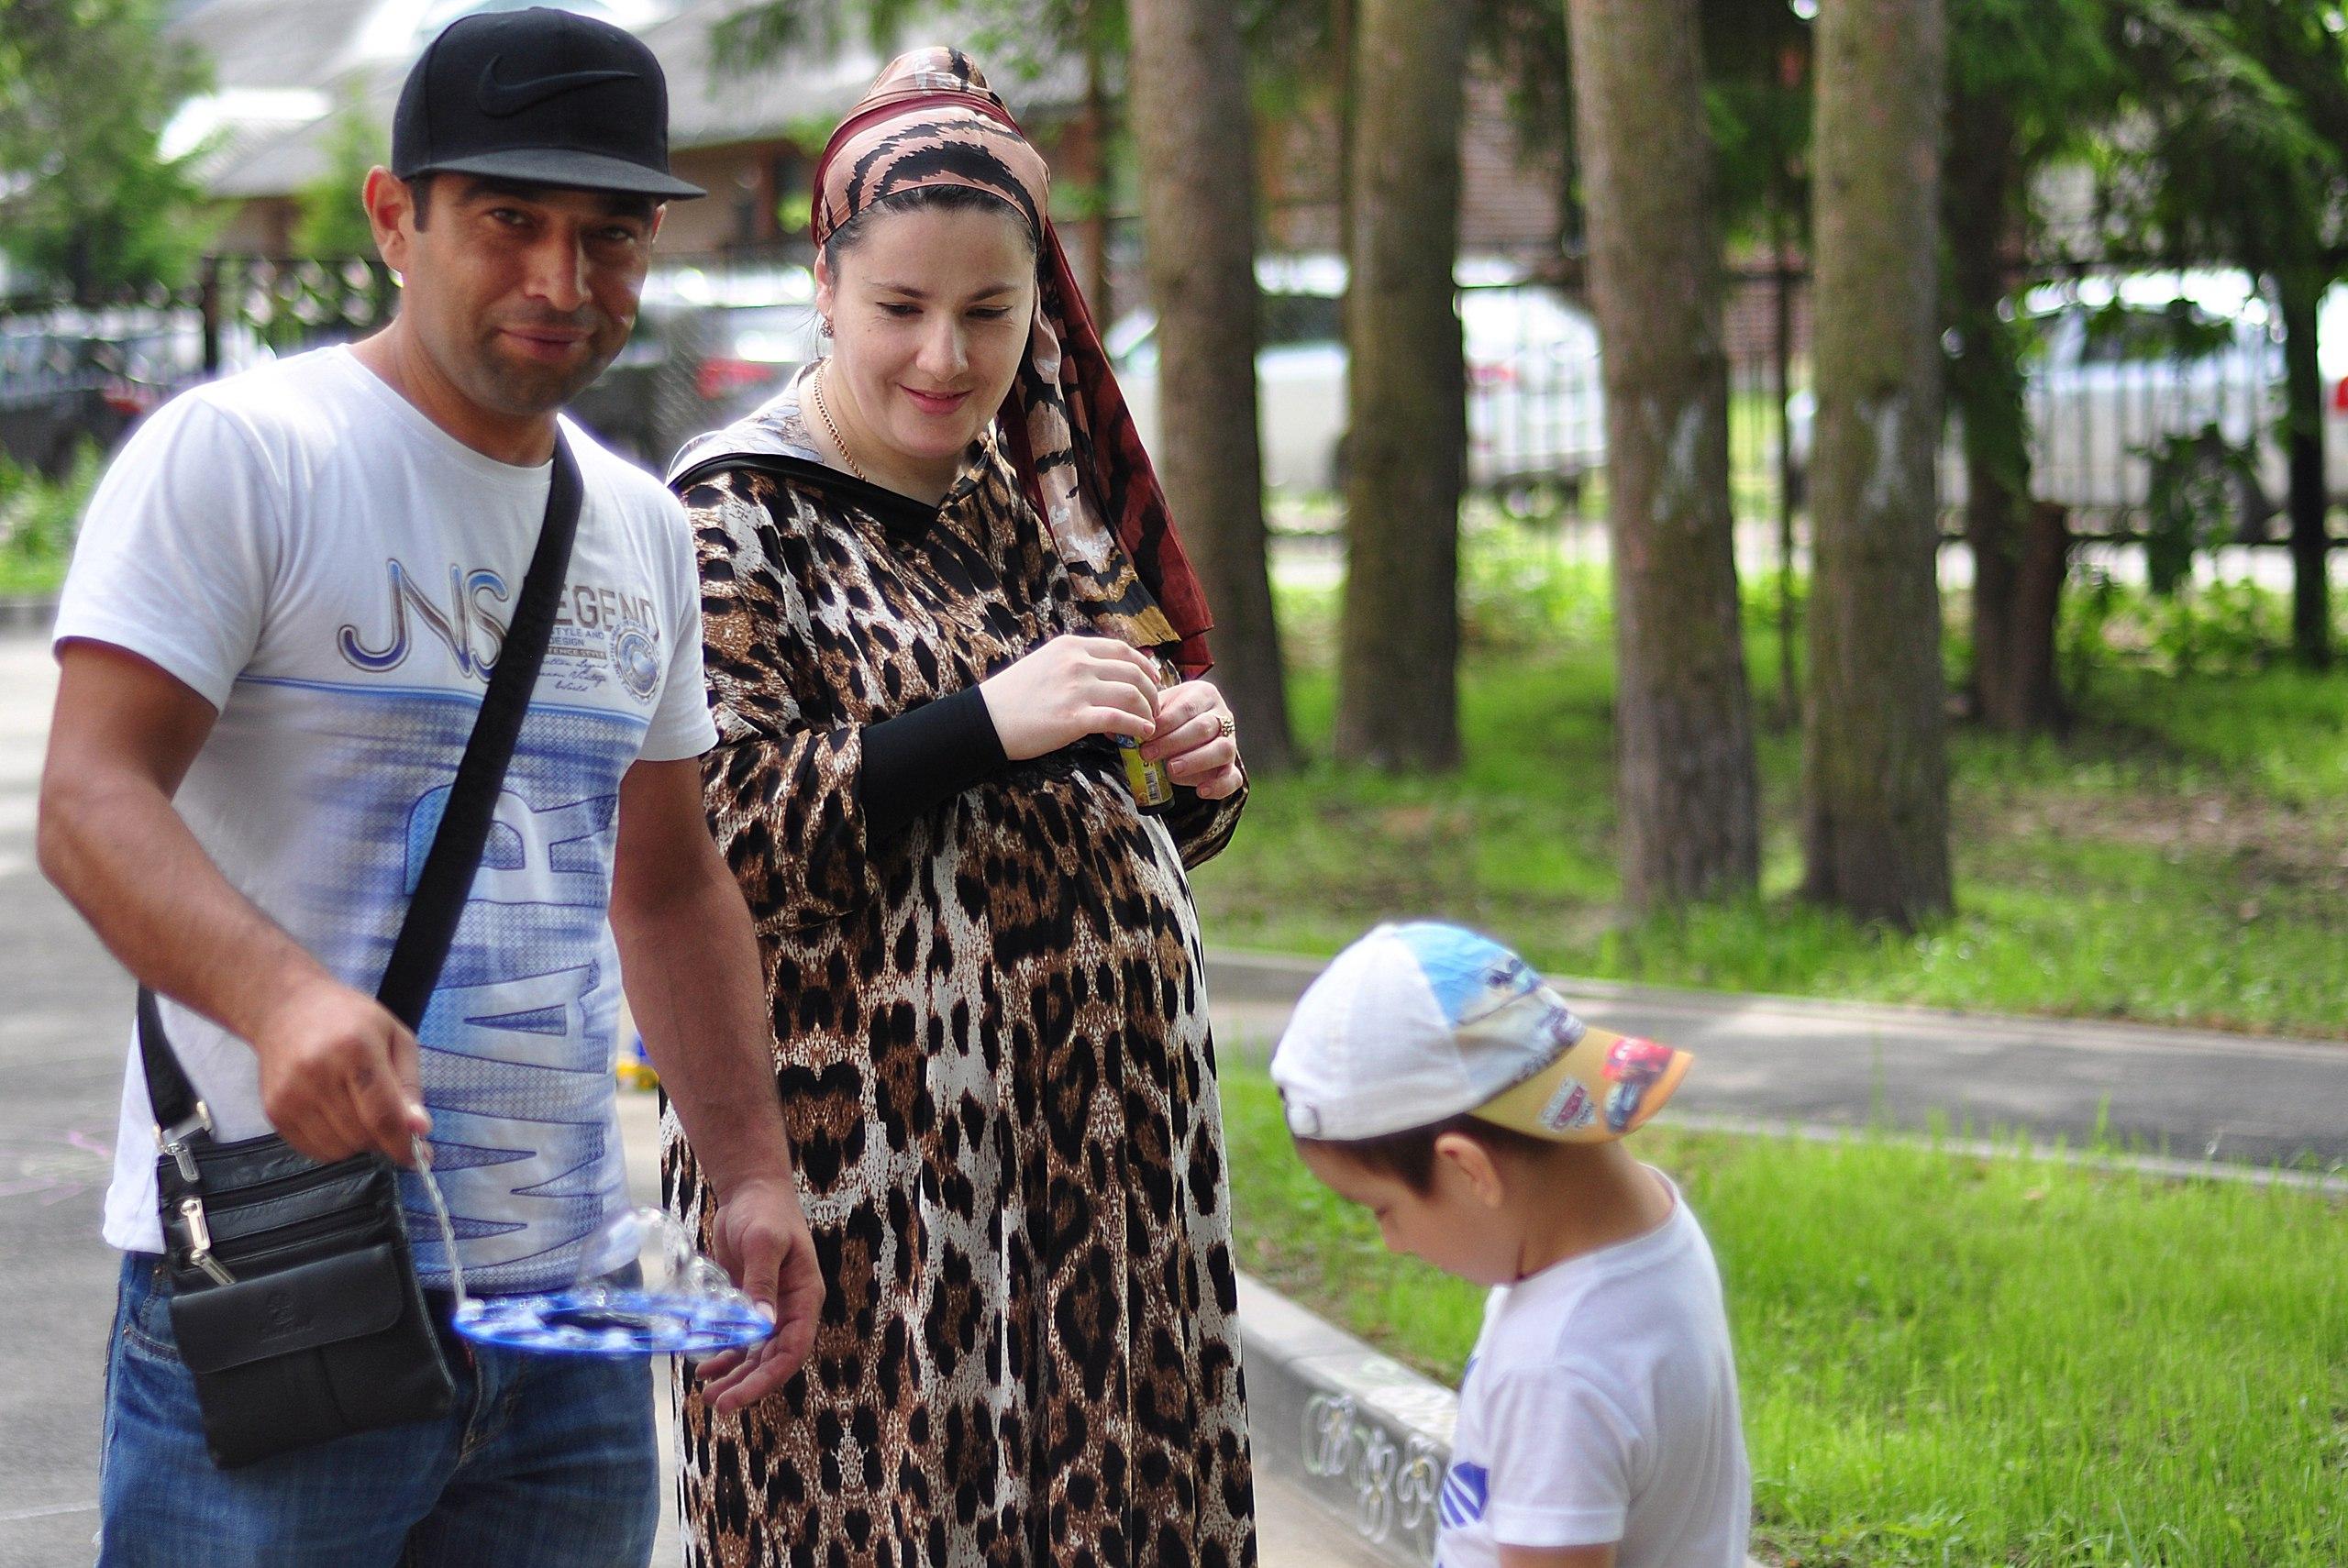 24.06.2016, вып. в Лесовичке, фото О. Сидяковой, 34